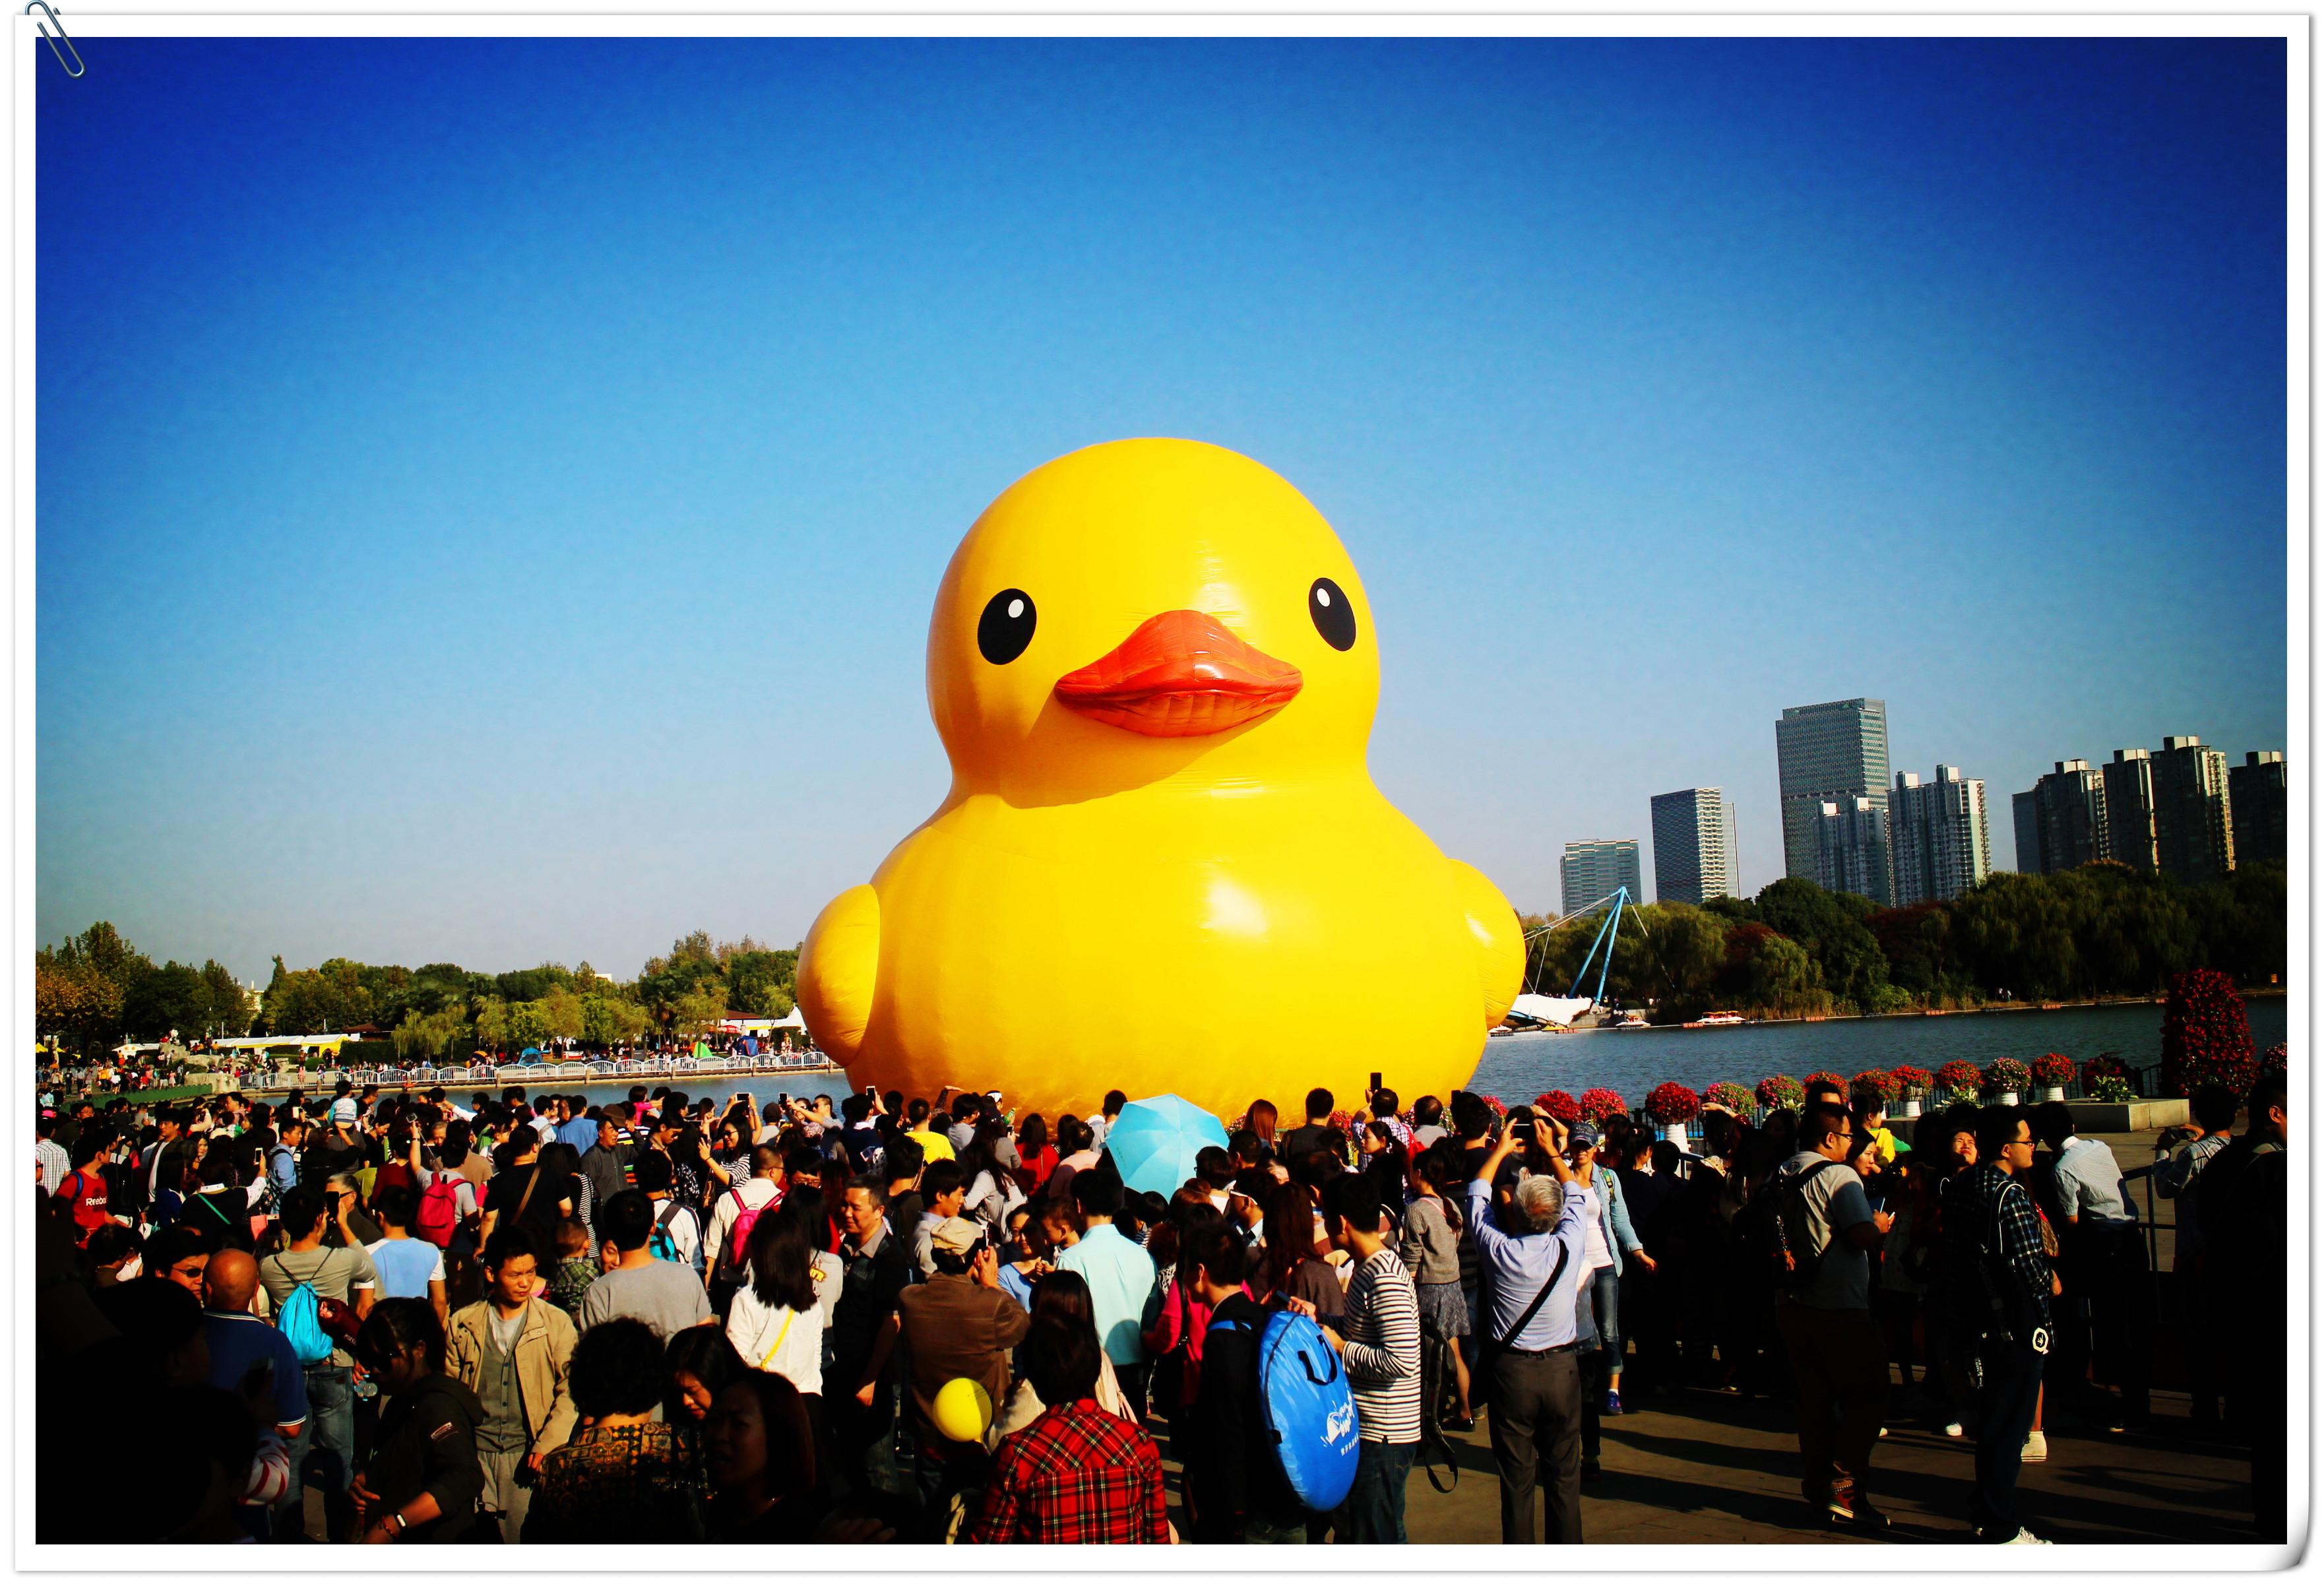 大黄鸭事件是什么_世纪公园大黄鸭图片_排行榜大全